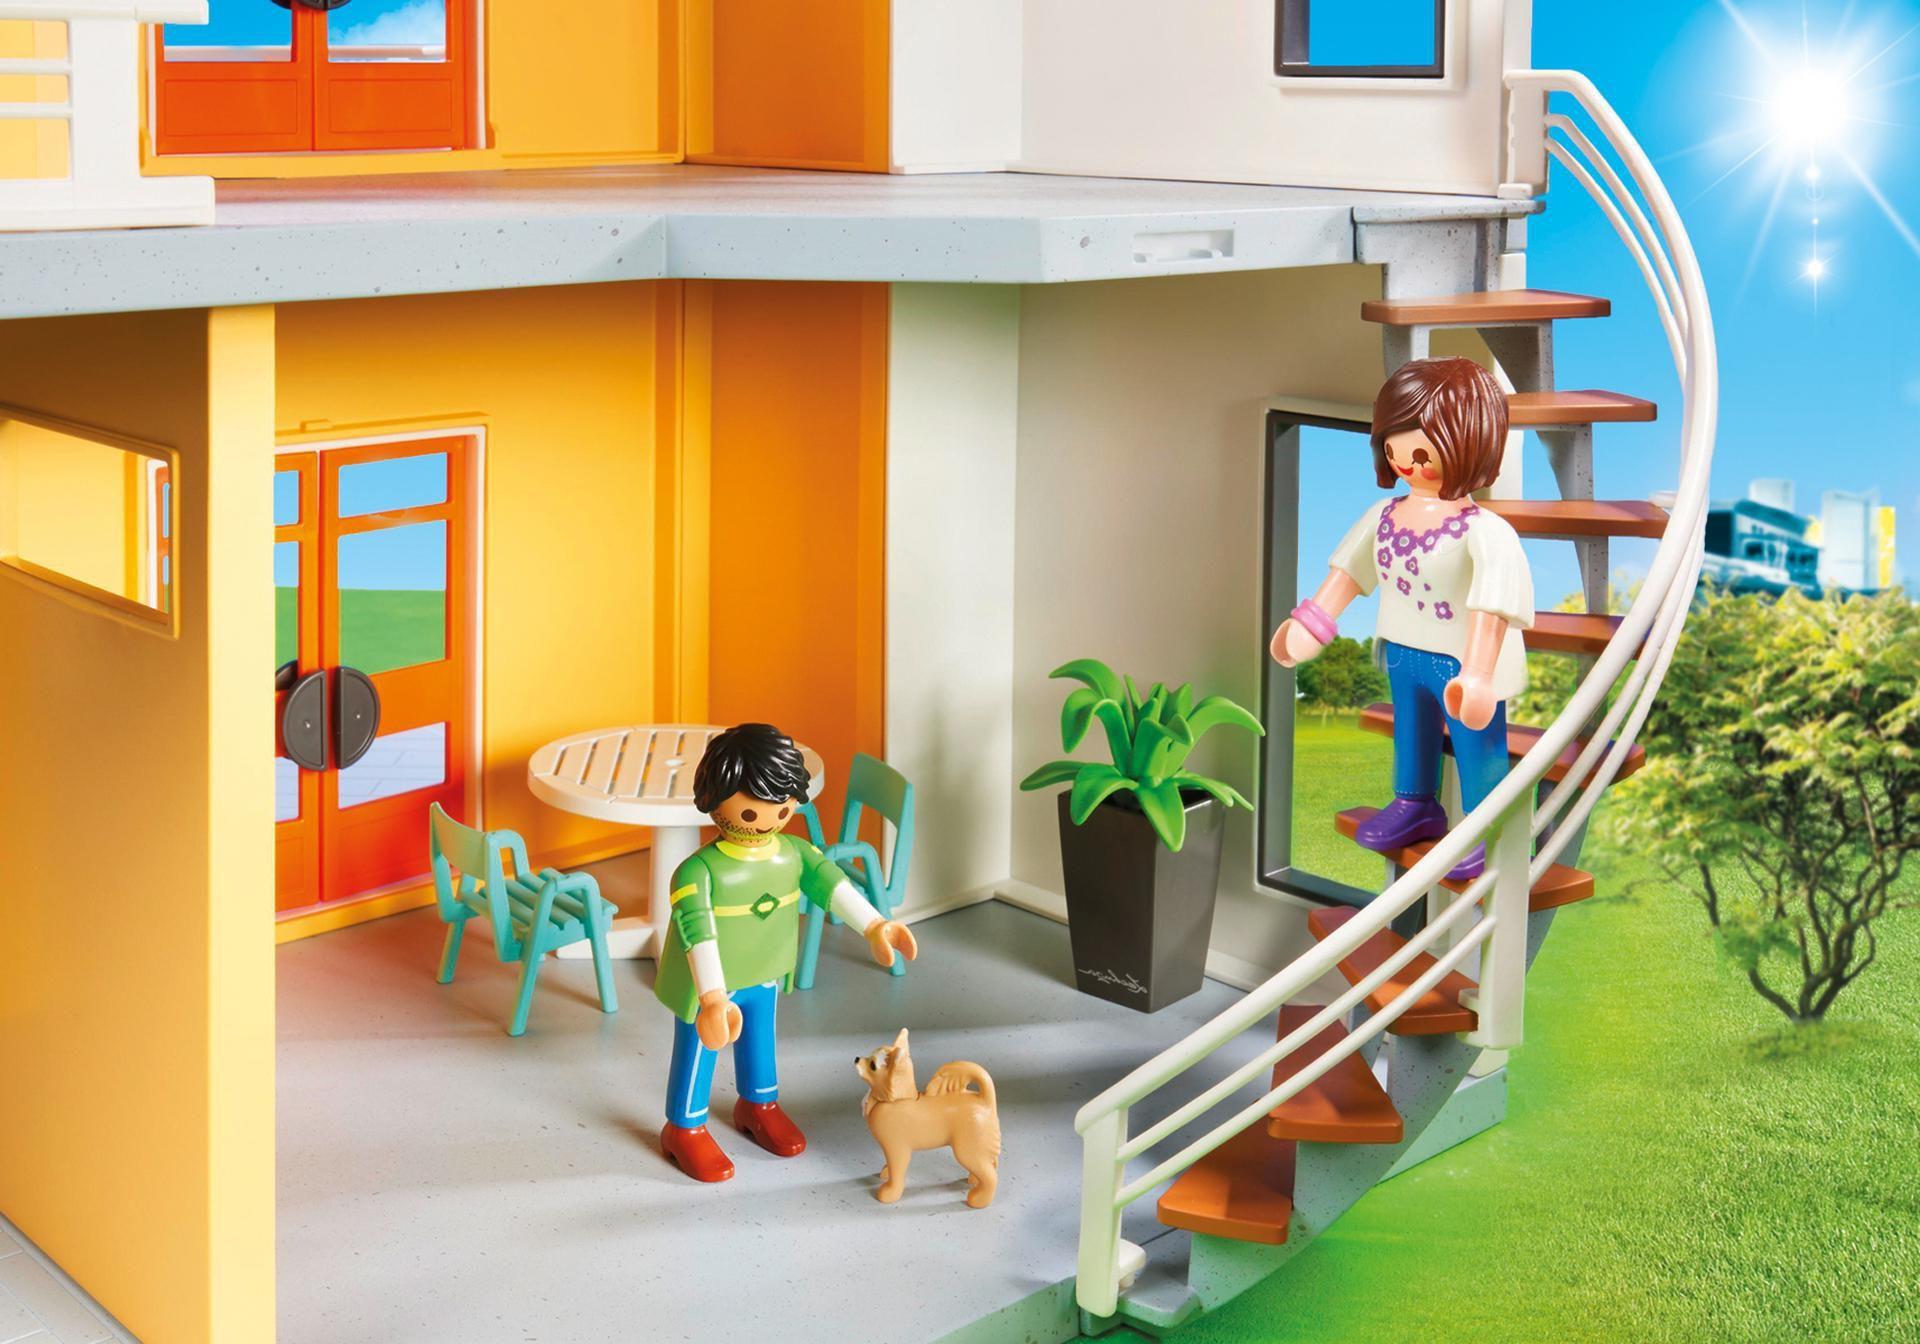 Playmobil maison moderne-l y a quelques étages liés avec escaliers.